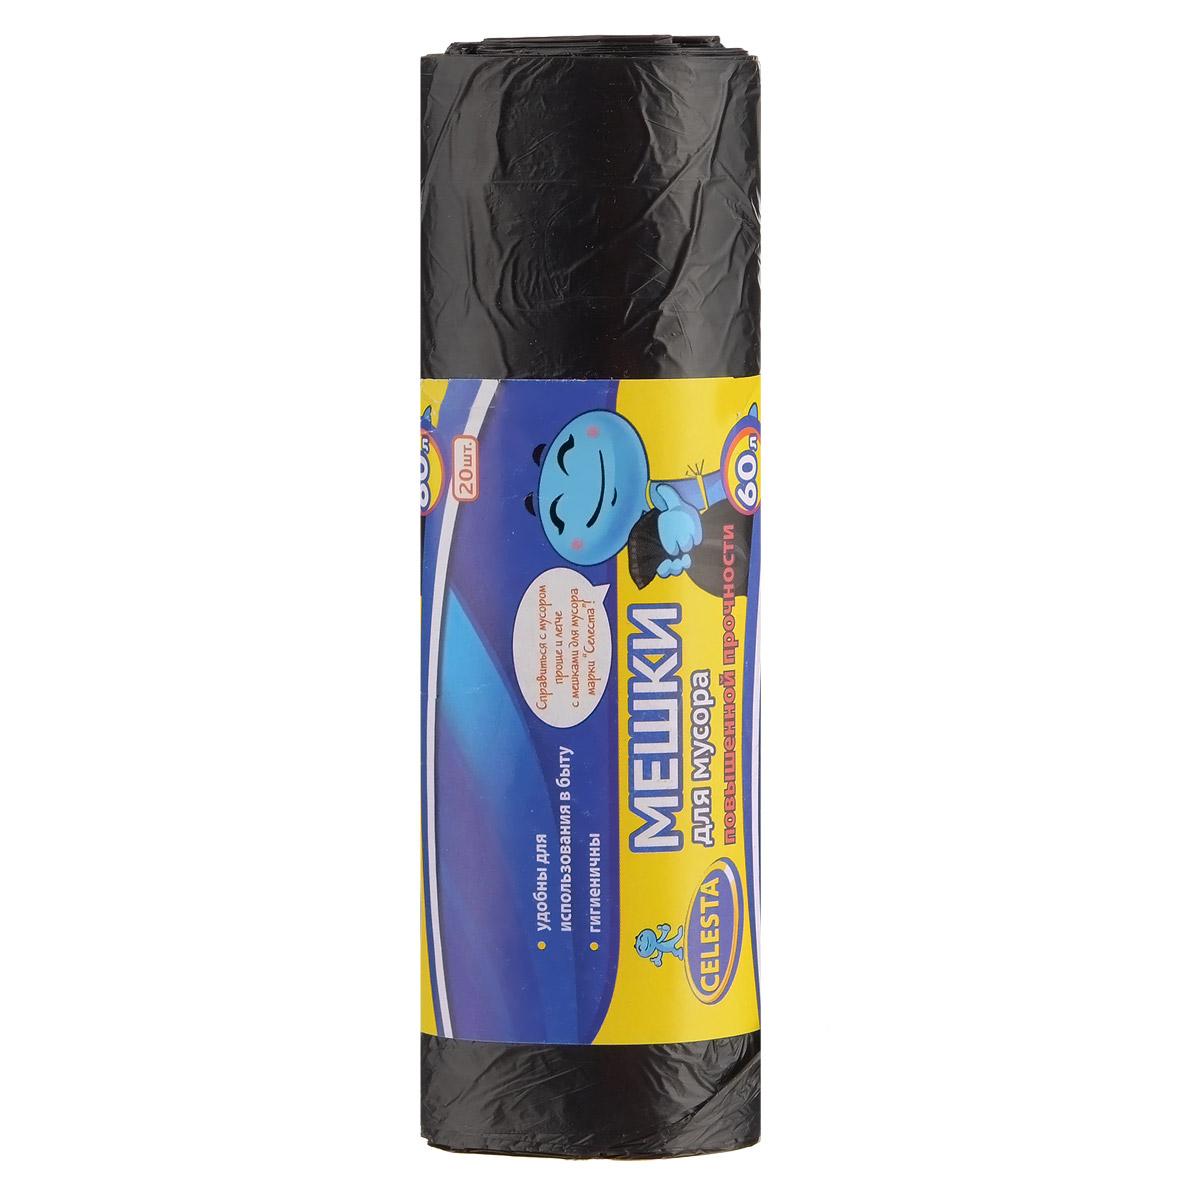 Мешки для мусора Celesta, цвет: черный, 60 л, 20 штCLP446Мешки для мусора Celesta применяются для хранения и транспортировки бытовых мусорных и продуктовых отходов. Суперпрочные и гигиеничные. Удобны для использования в быту. Мешки быстро и просто отрываются по линии перфорации. Материал: полиэтилен. Объем: 60 л. Количество мешков: 20 шт.